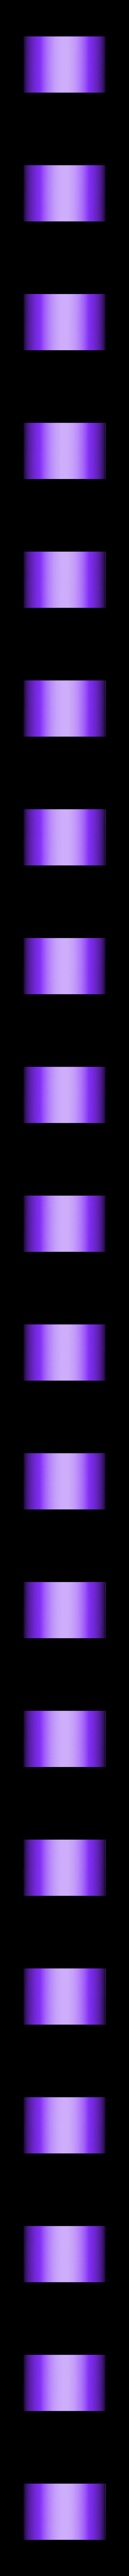 Tube Glass rond.stl Télécharger fichier STL gratuit Phare • Modèle pour impression 3D, jteix